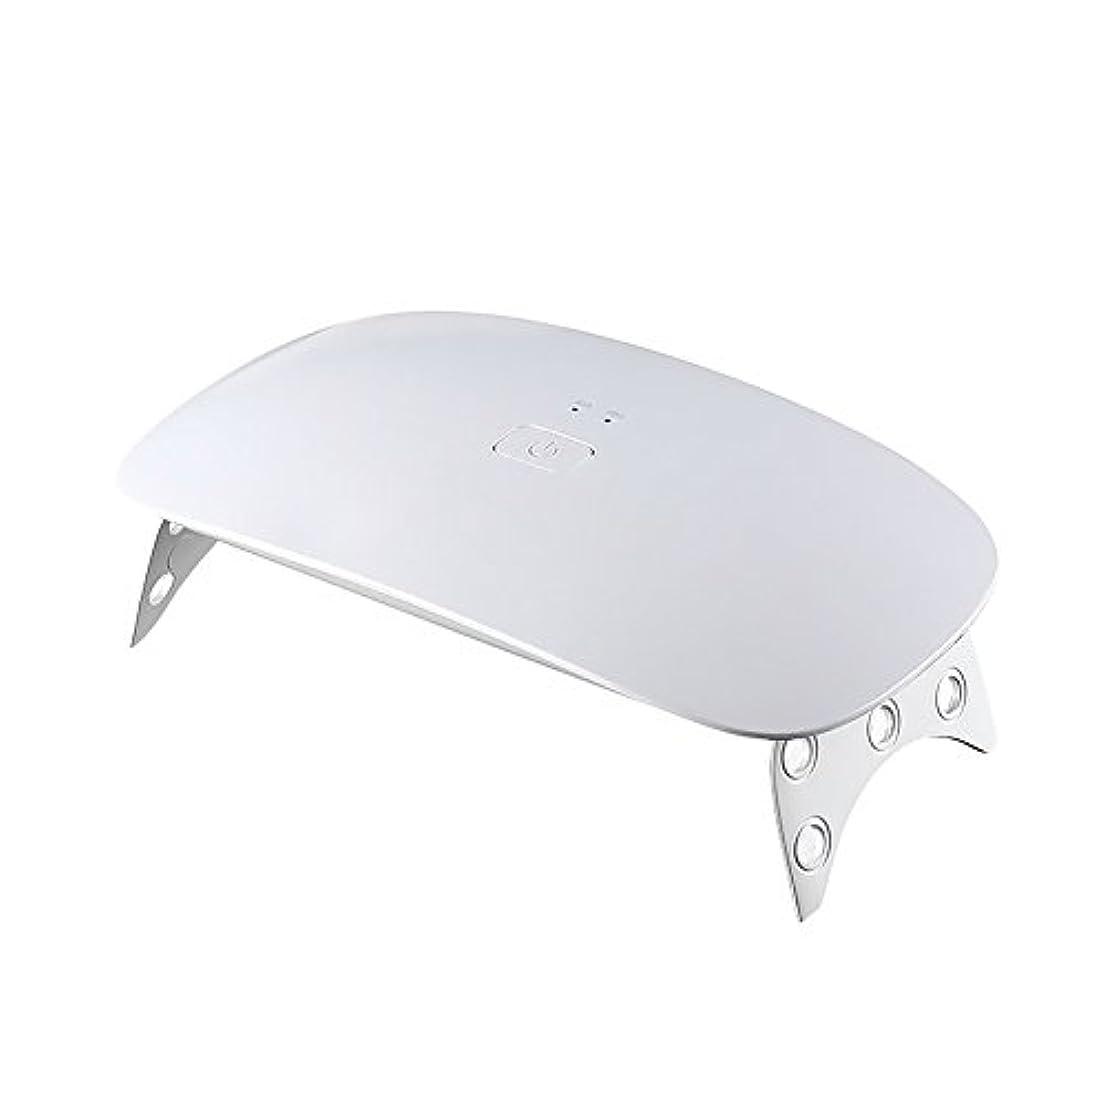 アルネ反逆者貫通するOurine ジェルネイルライト LEDネイルドライヤー UVライト ネイルライト 手足両用 速乾 タイマー設定可能 時間設定 180度照射 折りたたみ 携帯便利